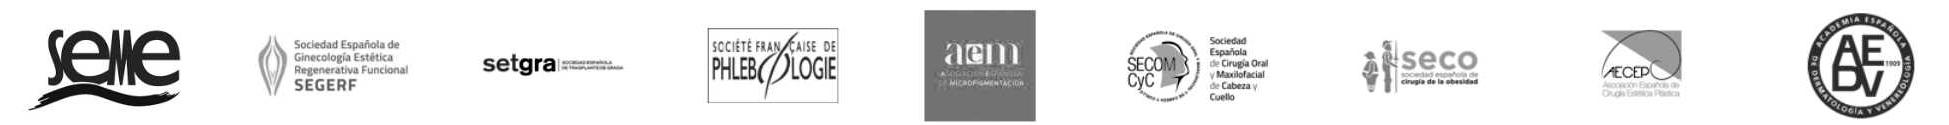 Logos entidades FEMM